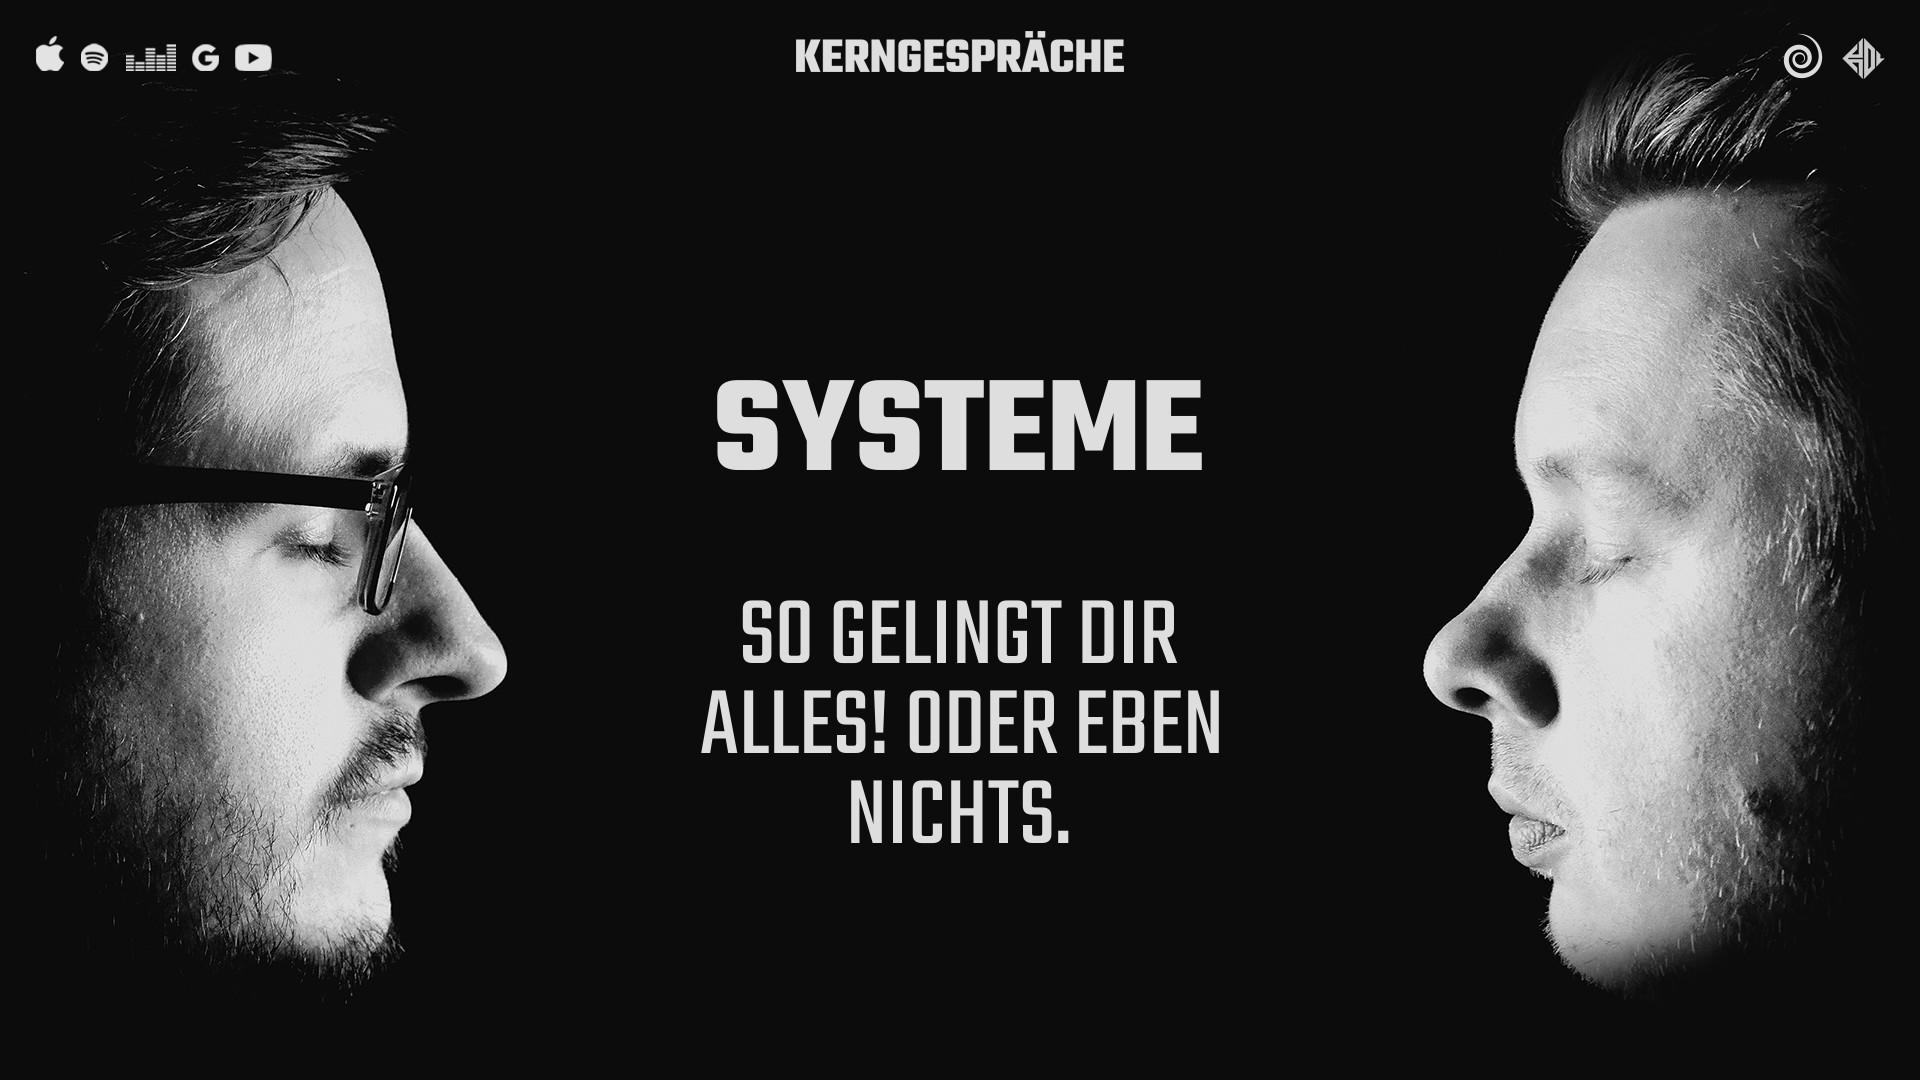 Systeme: So gelingt dir alles! Oder eben nichts.